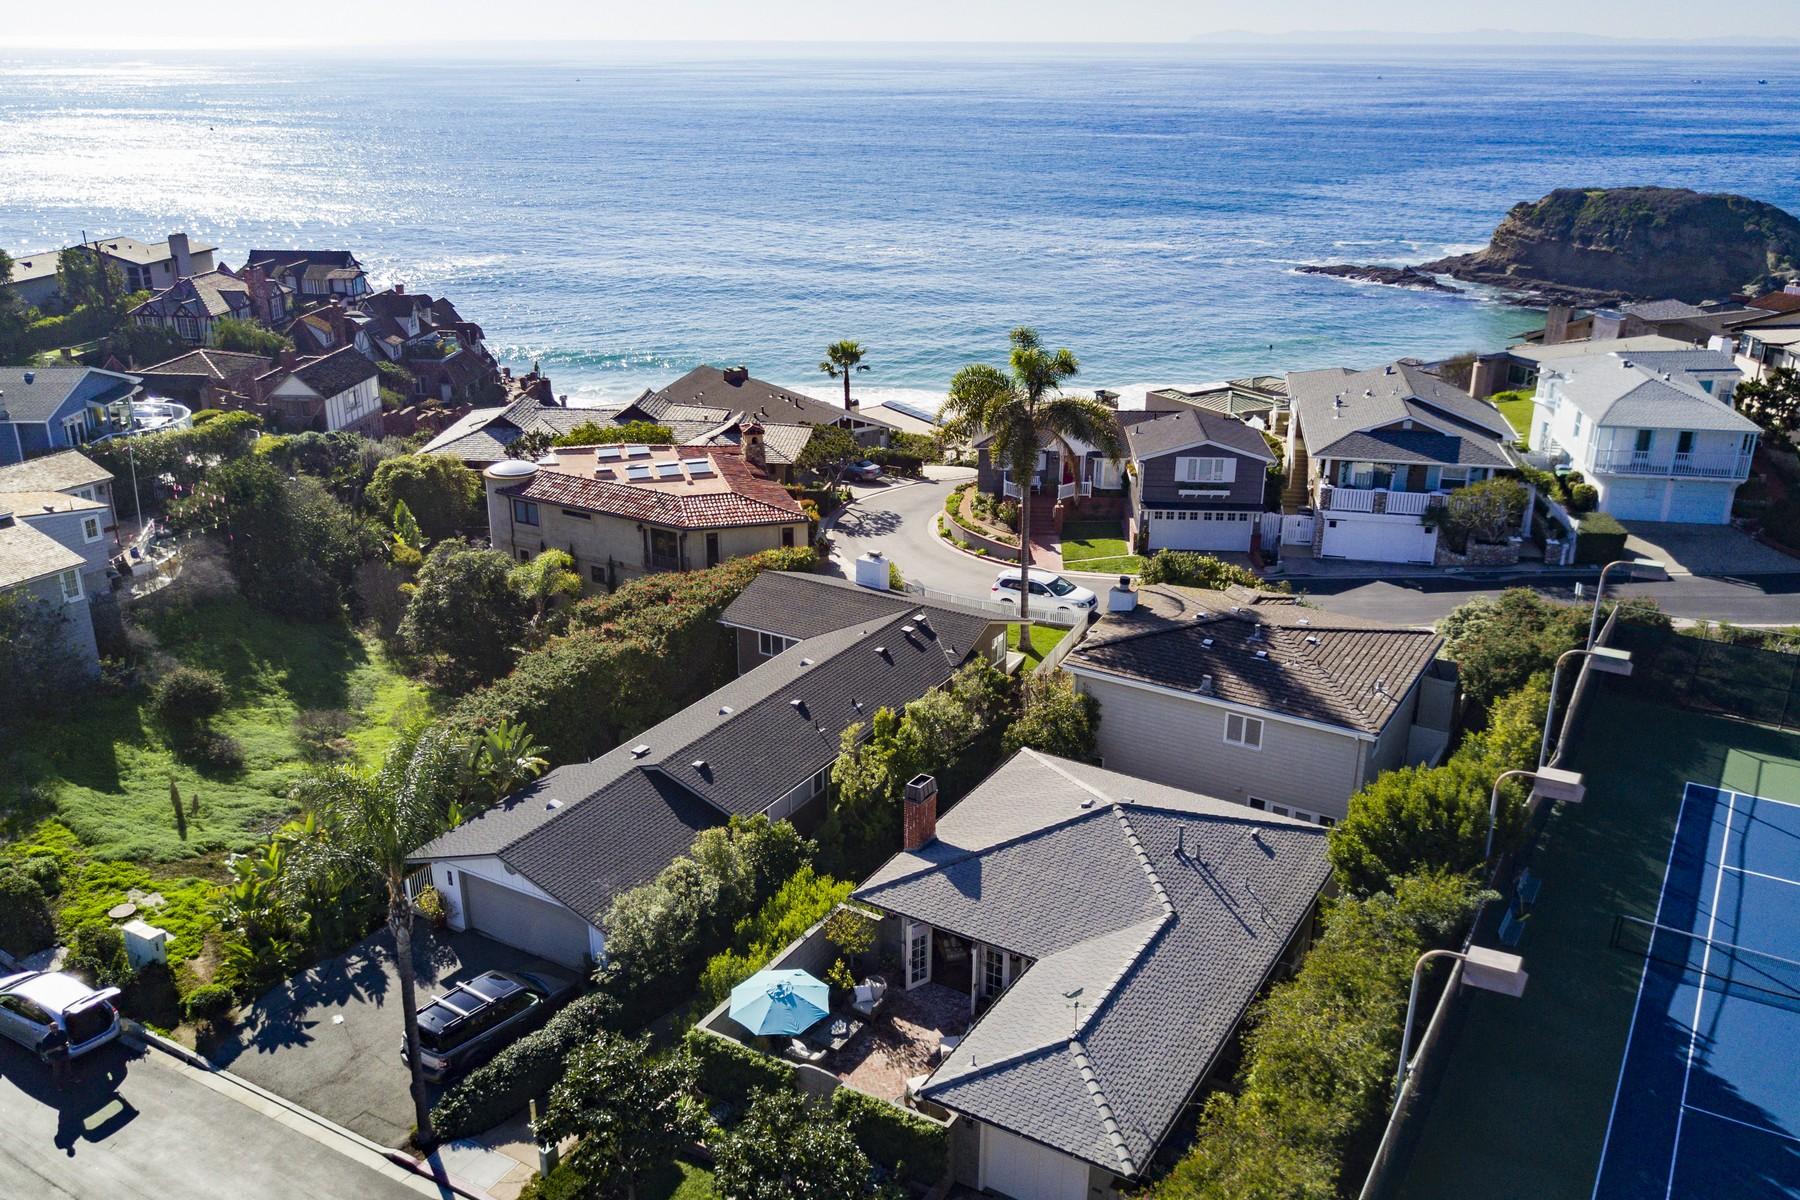 단독 가정 주택 용 매매 에 58 S. La Senda Dr. Three Arch Bay, Laguna Beach, 캘리포니아, 92651 미국